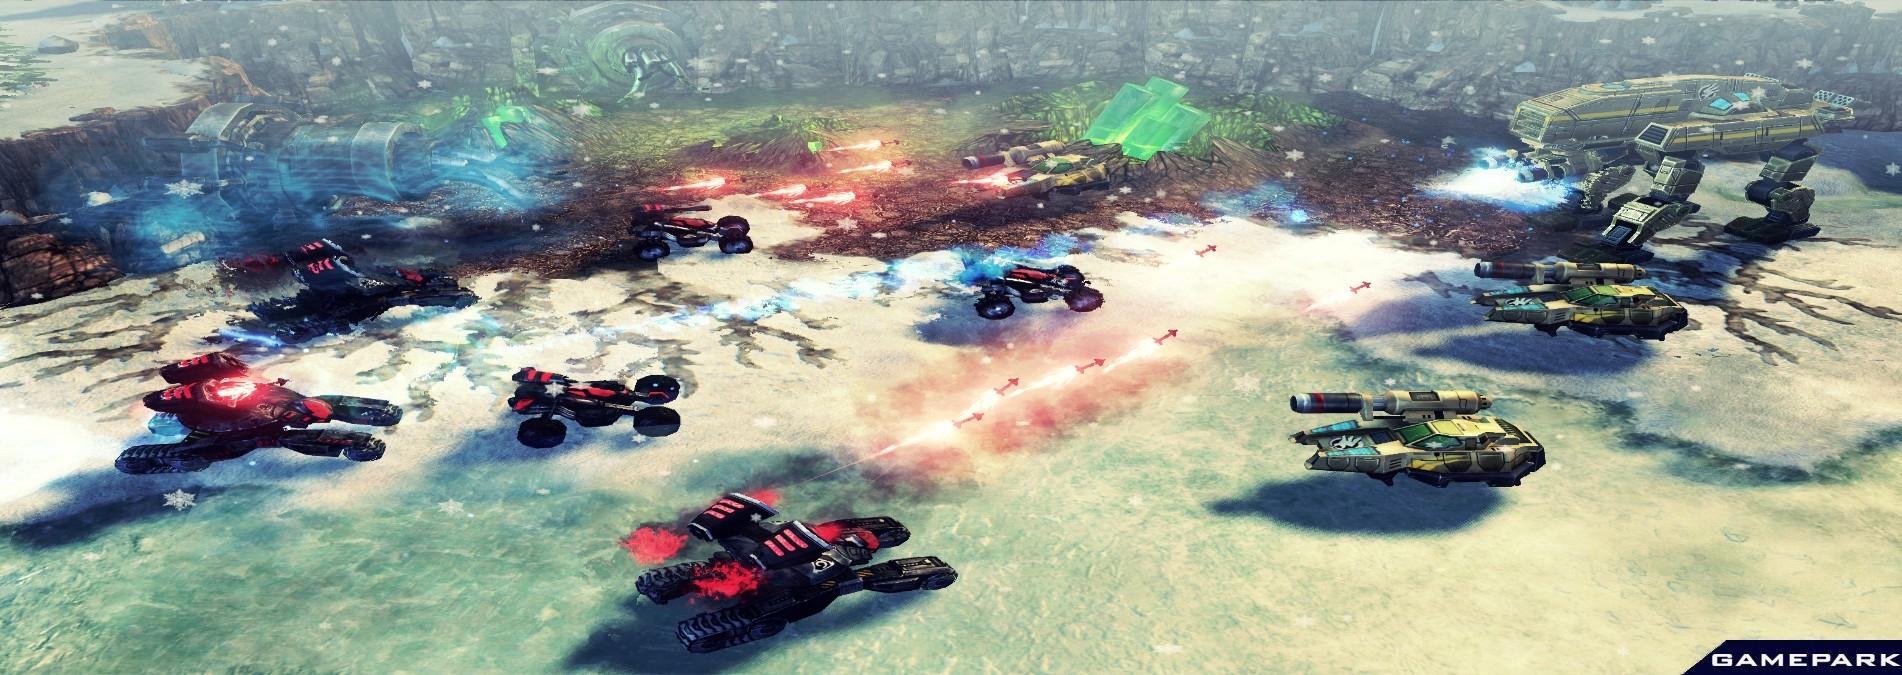 17.11.2009 дополнить скриншоты к Command & Conquer 4: Tiberian Twilight.